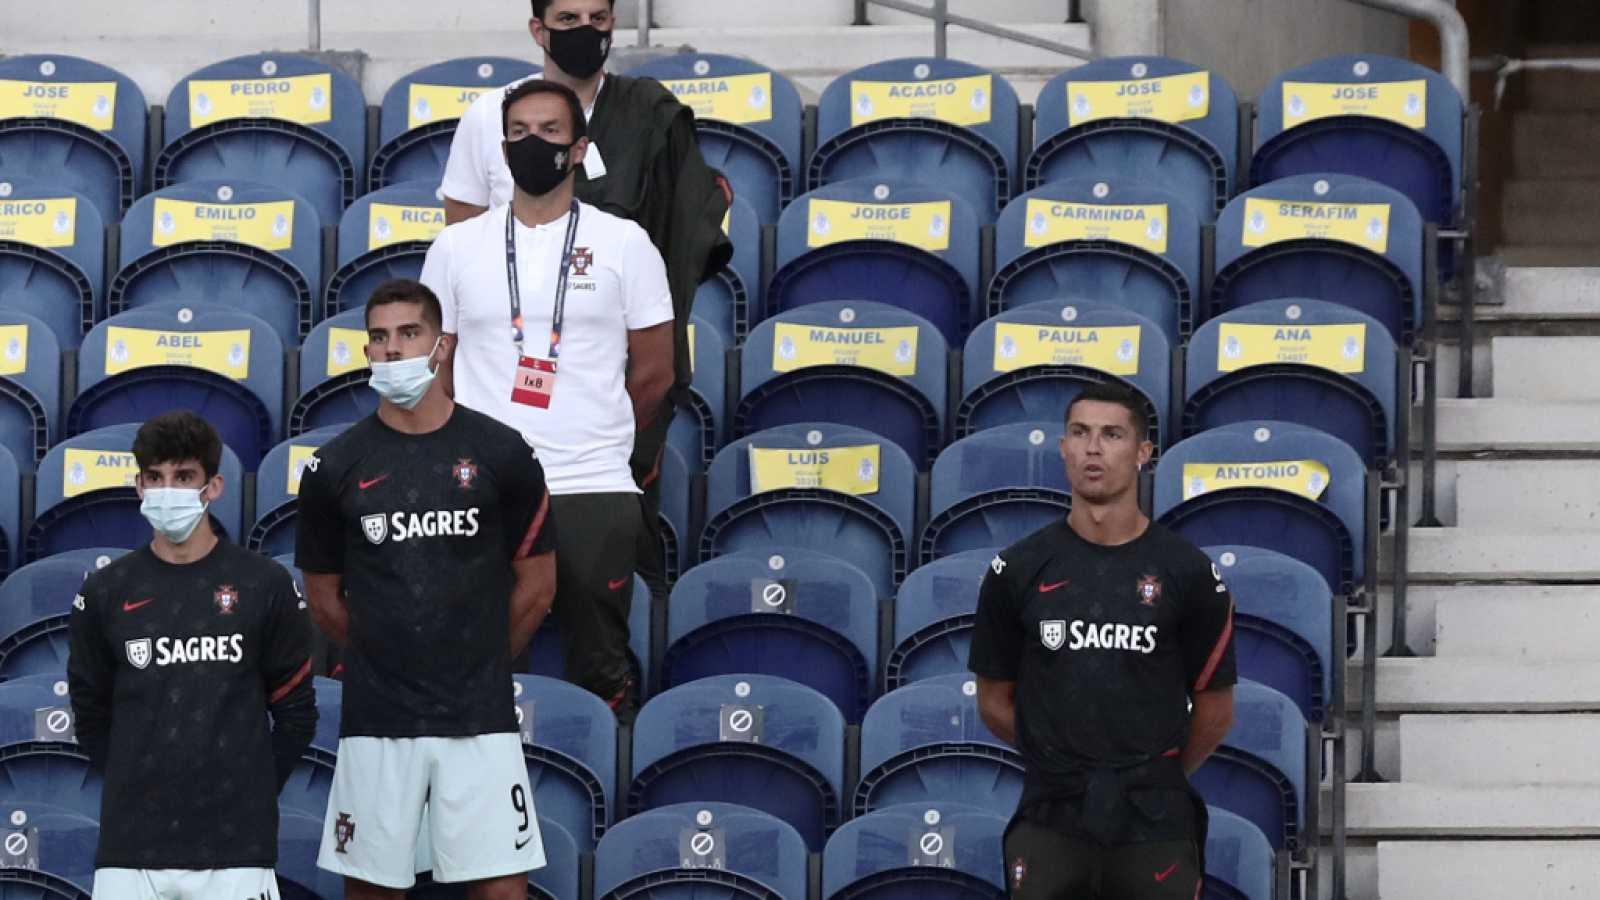 Cristiano Ronaldo y su viral reacción al ser advertido por no llevar mascarilla